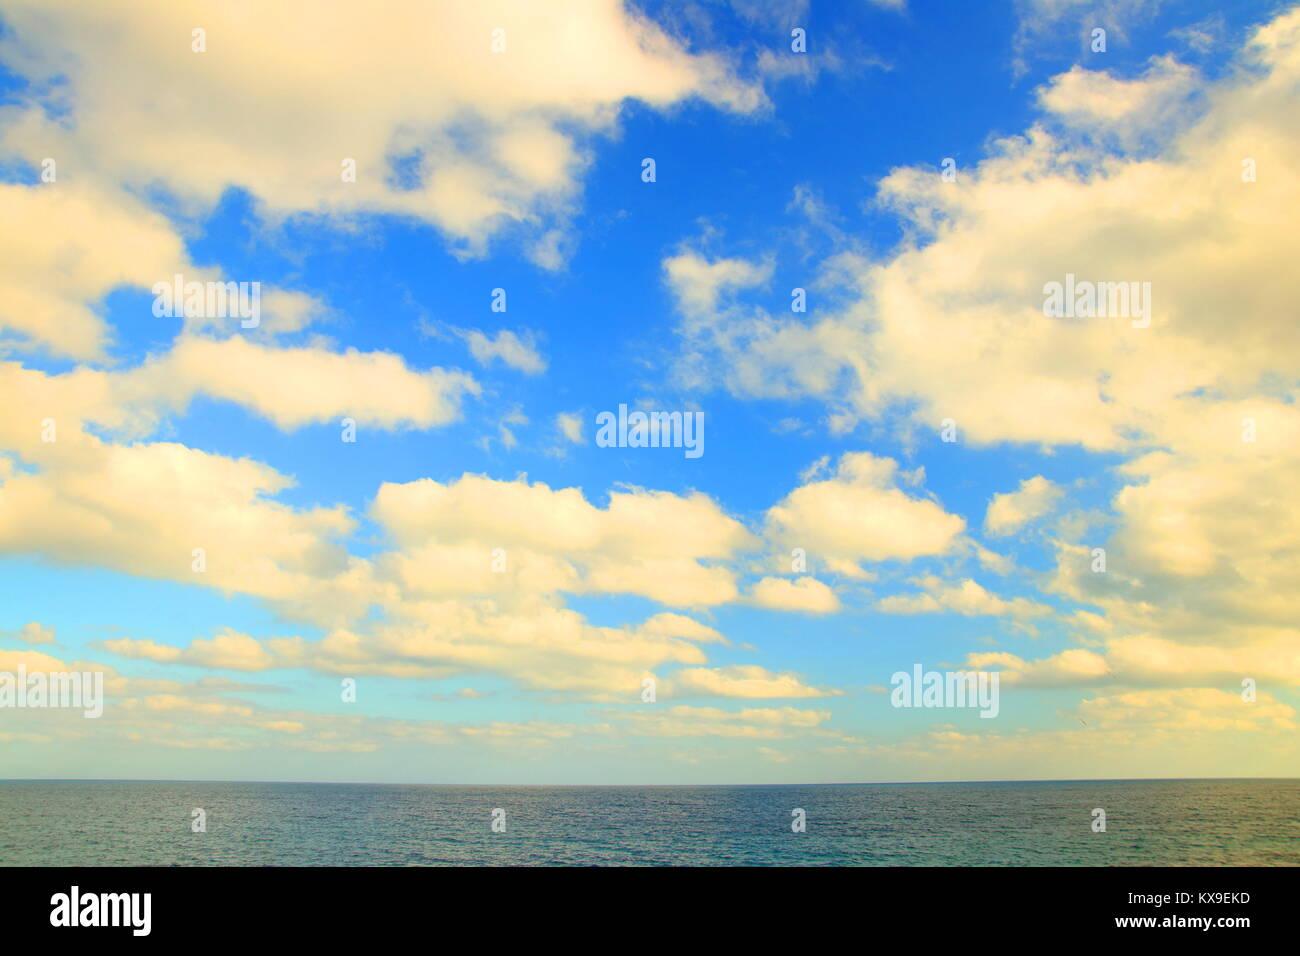 Bewölkter Himmel und Meer Stockbild